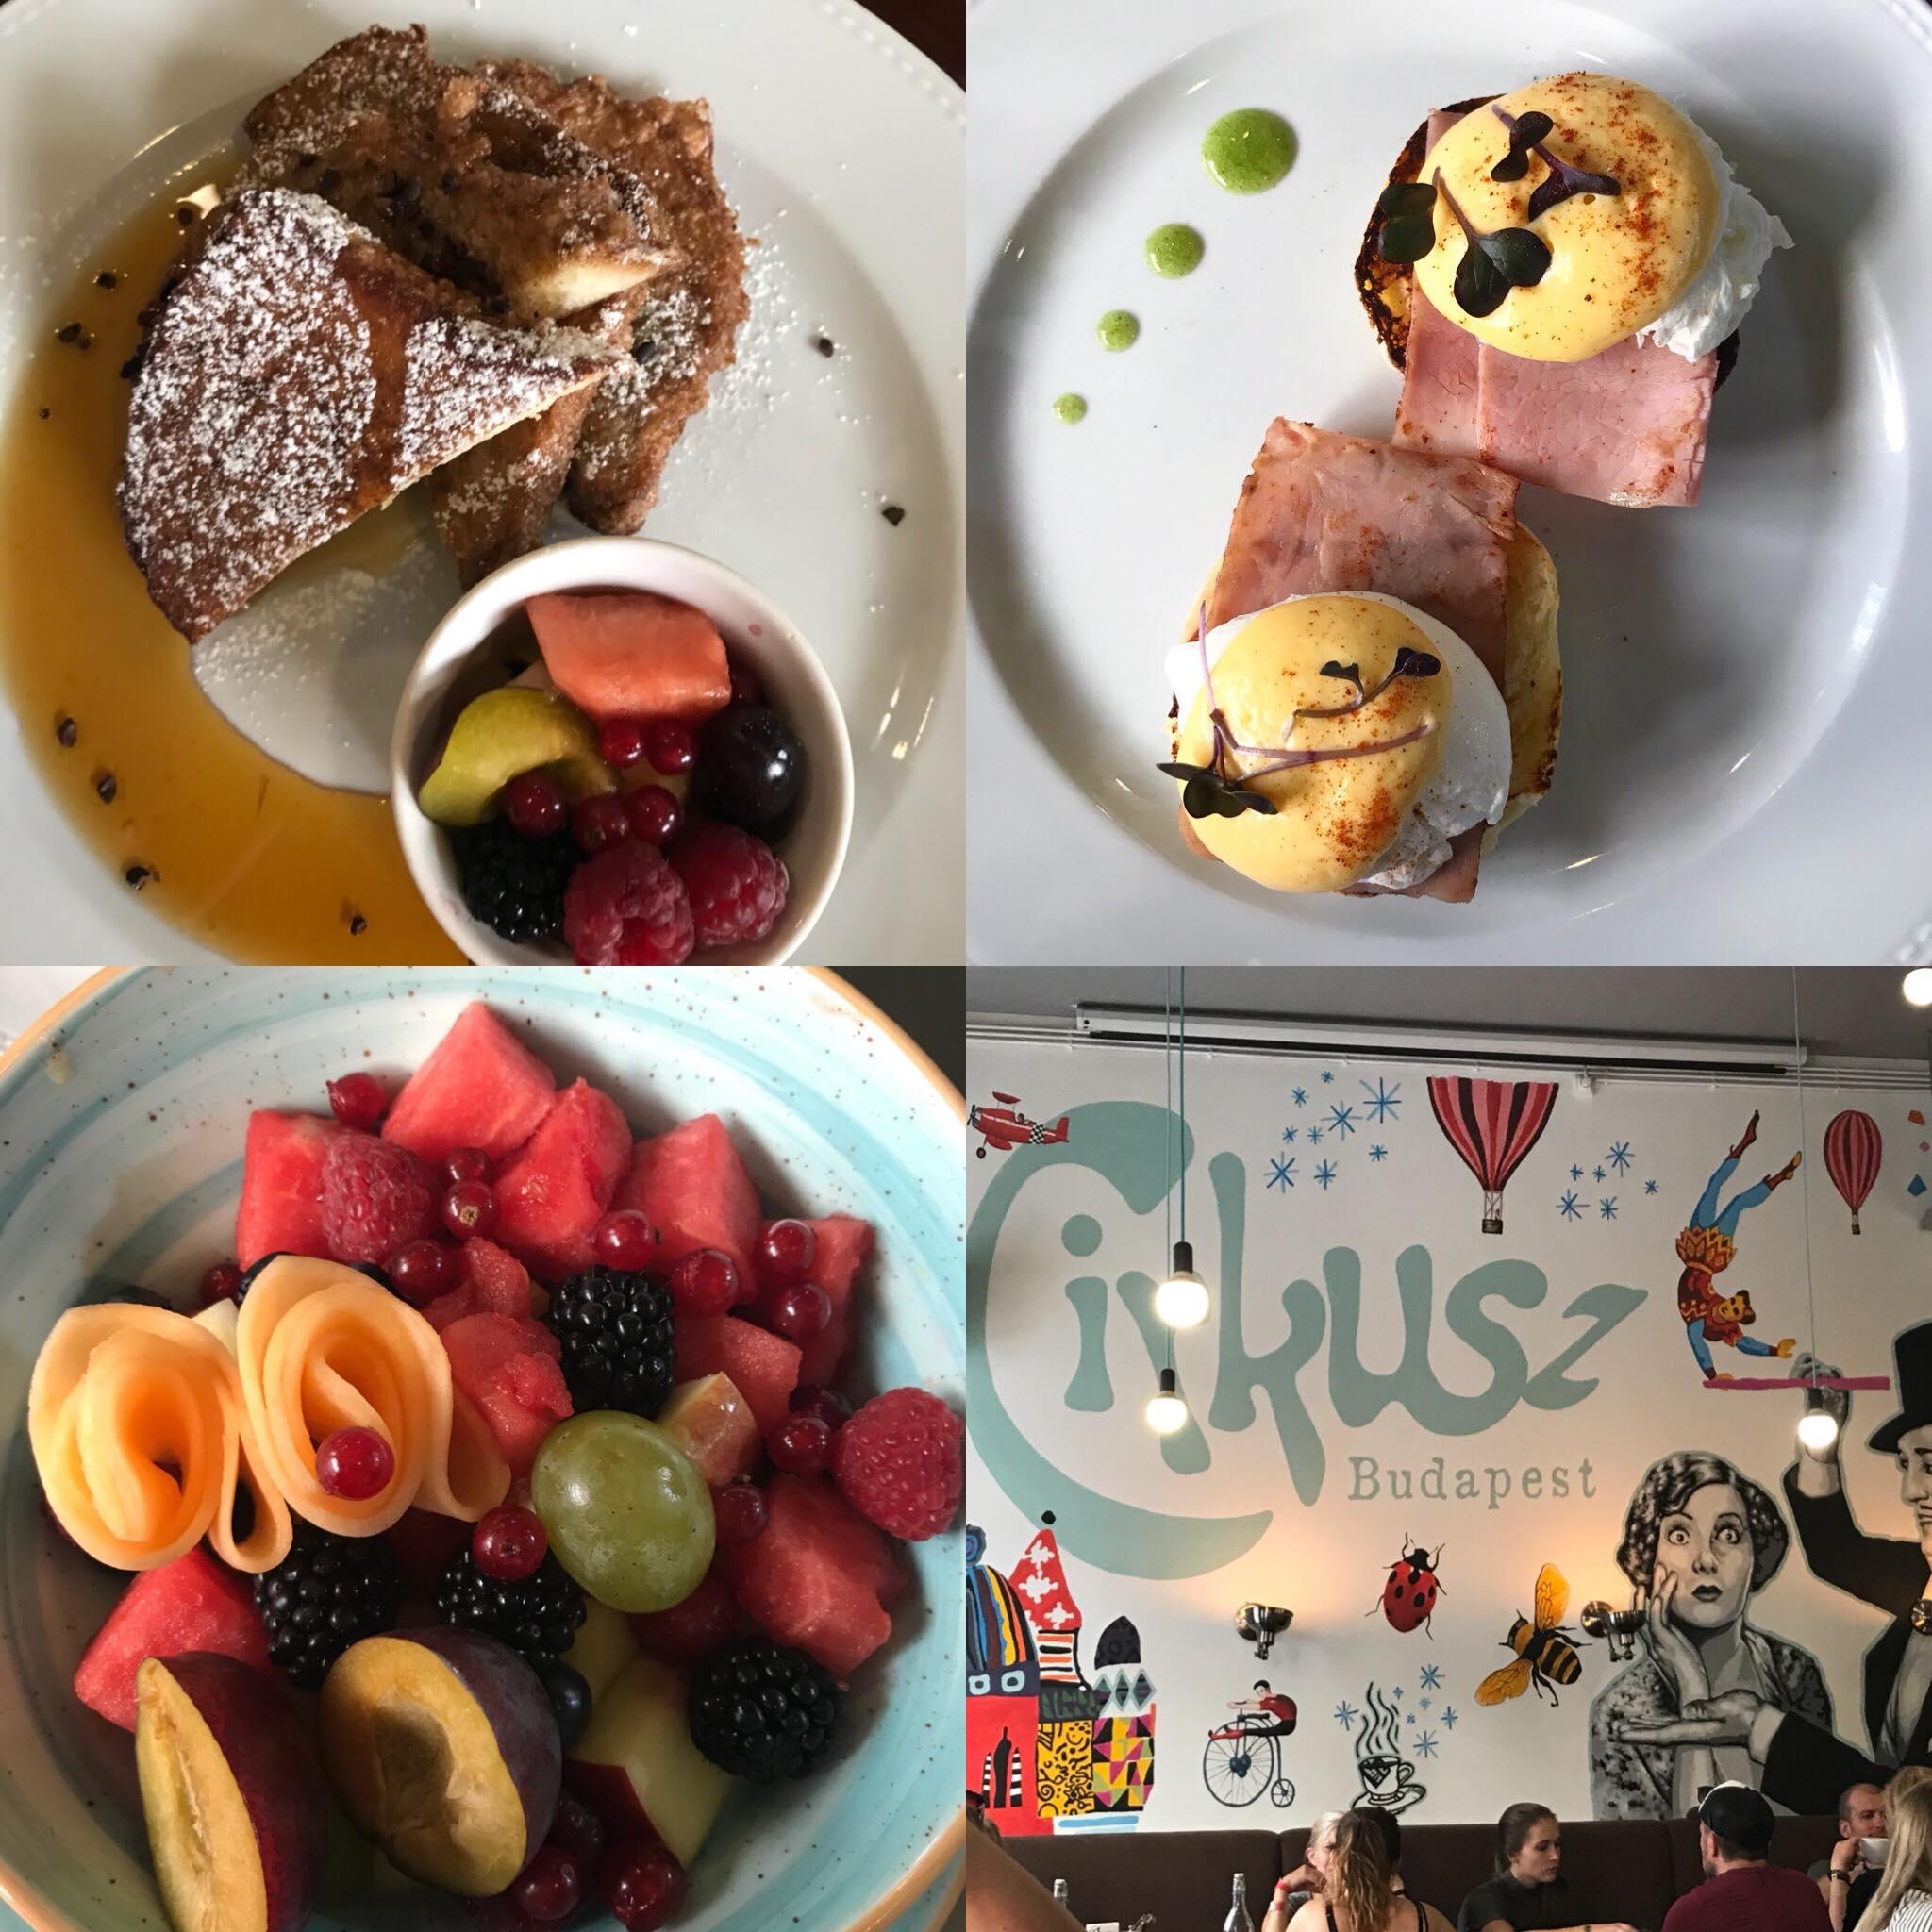 mad, cafe, morgenmad, budapest, rejse, rejser, rejseguide, oplevelser, seværdigheder, ferie,